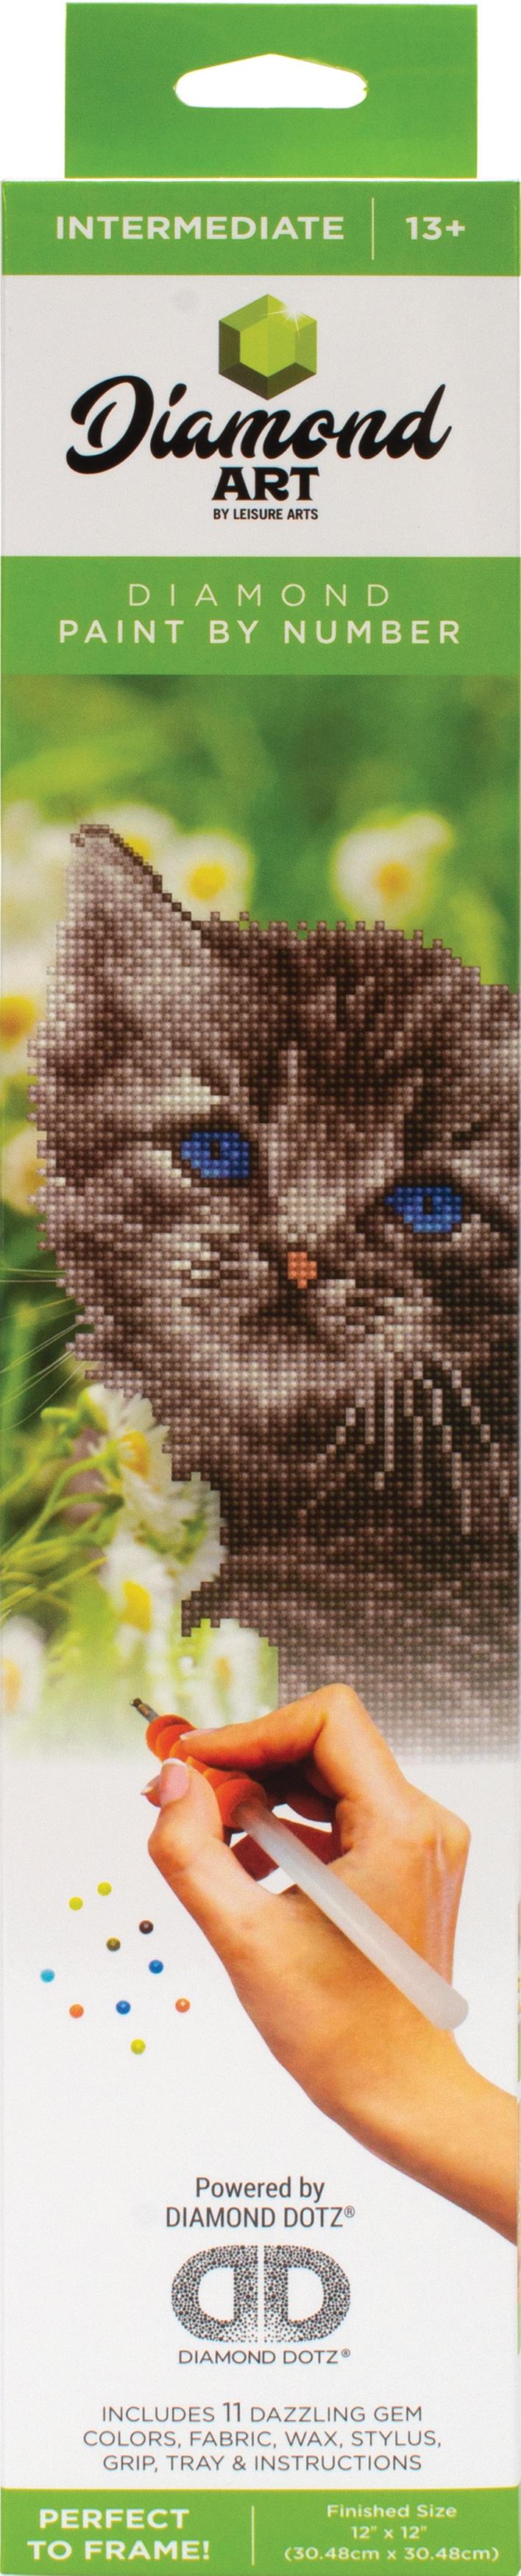 Diamond Art Kit 12x12 Intermediate Kitten